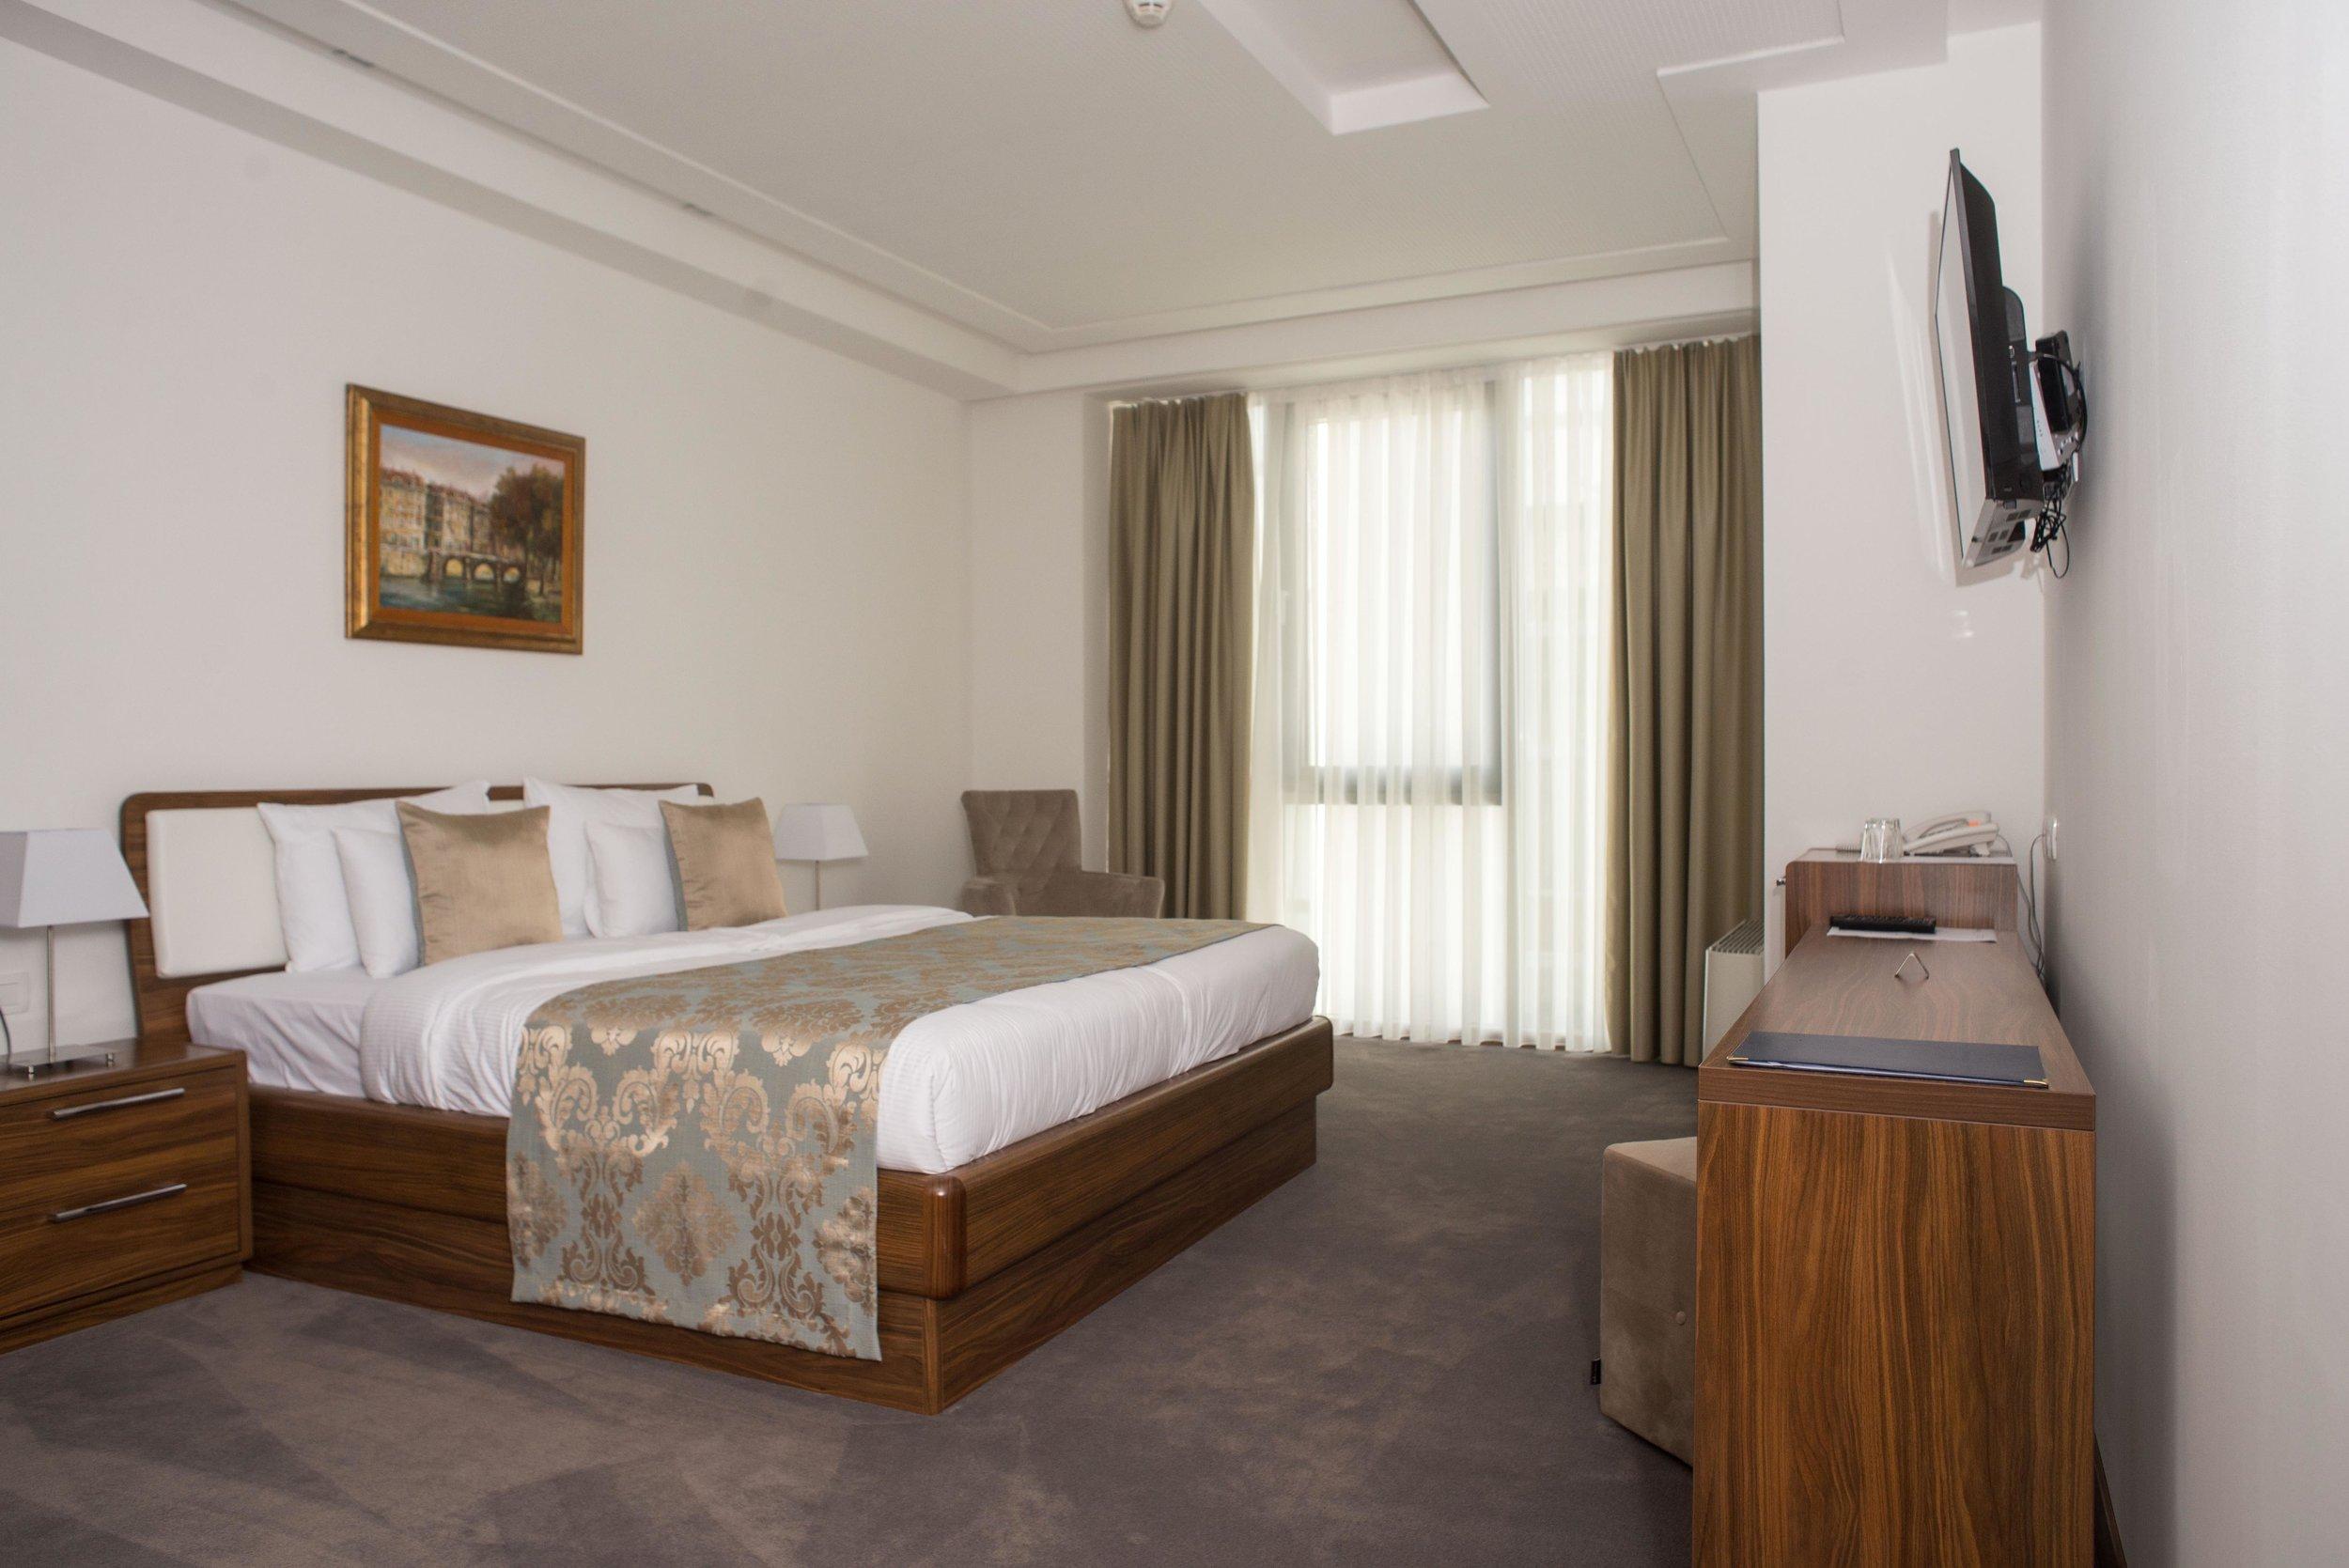 standard - Standard sobe dizajnirane su za ugodan odmor i opuštanje. Buđenje u ovim mirnim i lijepo uređenim prostorijama ugodan je početak dana, nakon čega možete nastaviti sa laganom šetnjom kroz povijesni dio grada Baščaršiju, u čijoj neposrednoj blizini se nalazi hotel. Klimatizirane i komforne sobe idealne su za smještaj jedne do dvije osobe.Pored besplatnog WiFi-ja, mini bara, LED tv-a sa kablovskim programima, standard soba posjeduje i vlastitu kupaonicu opremljenu tušem, sušilom za kosu, besplatnim kozmetičkim priborom i papučama.